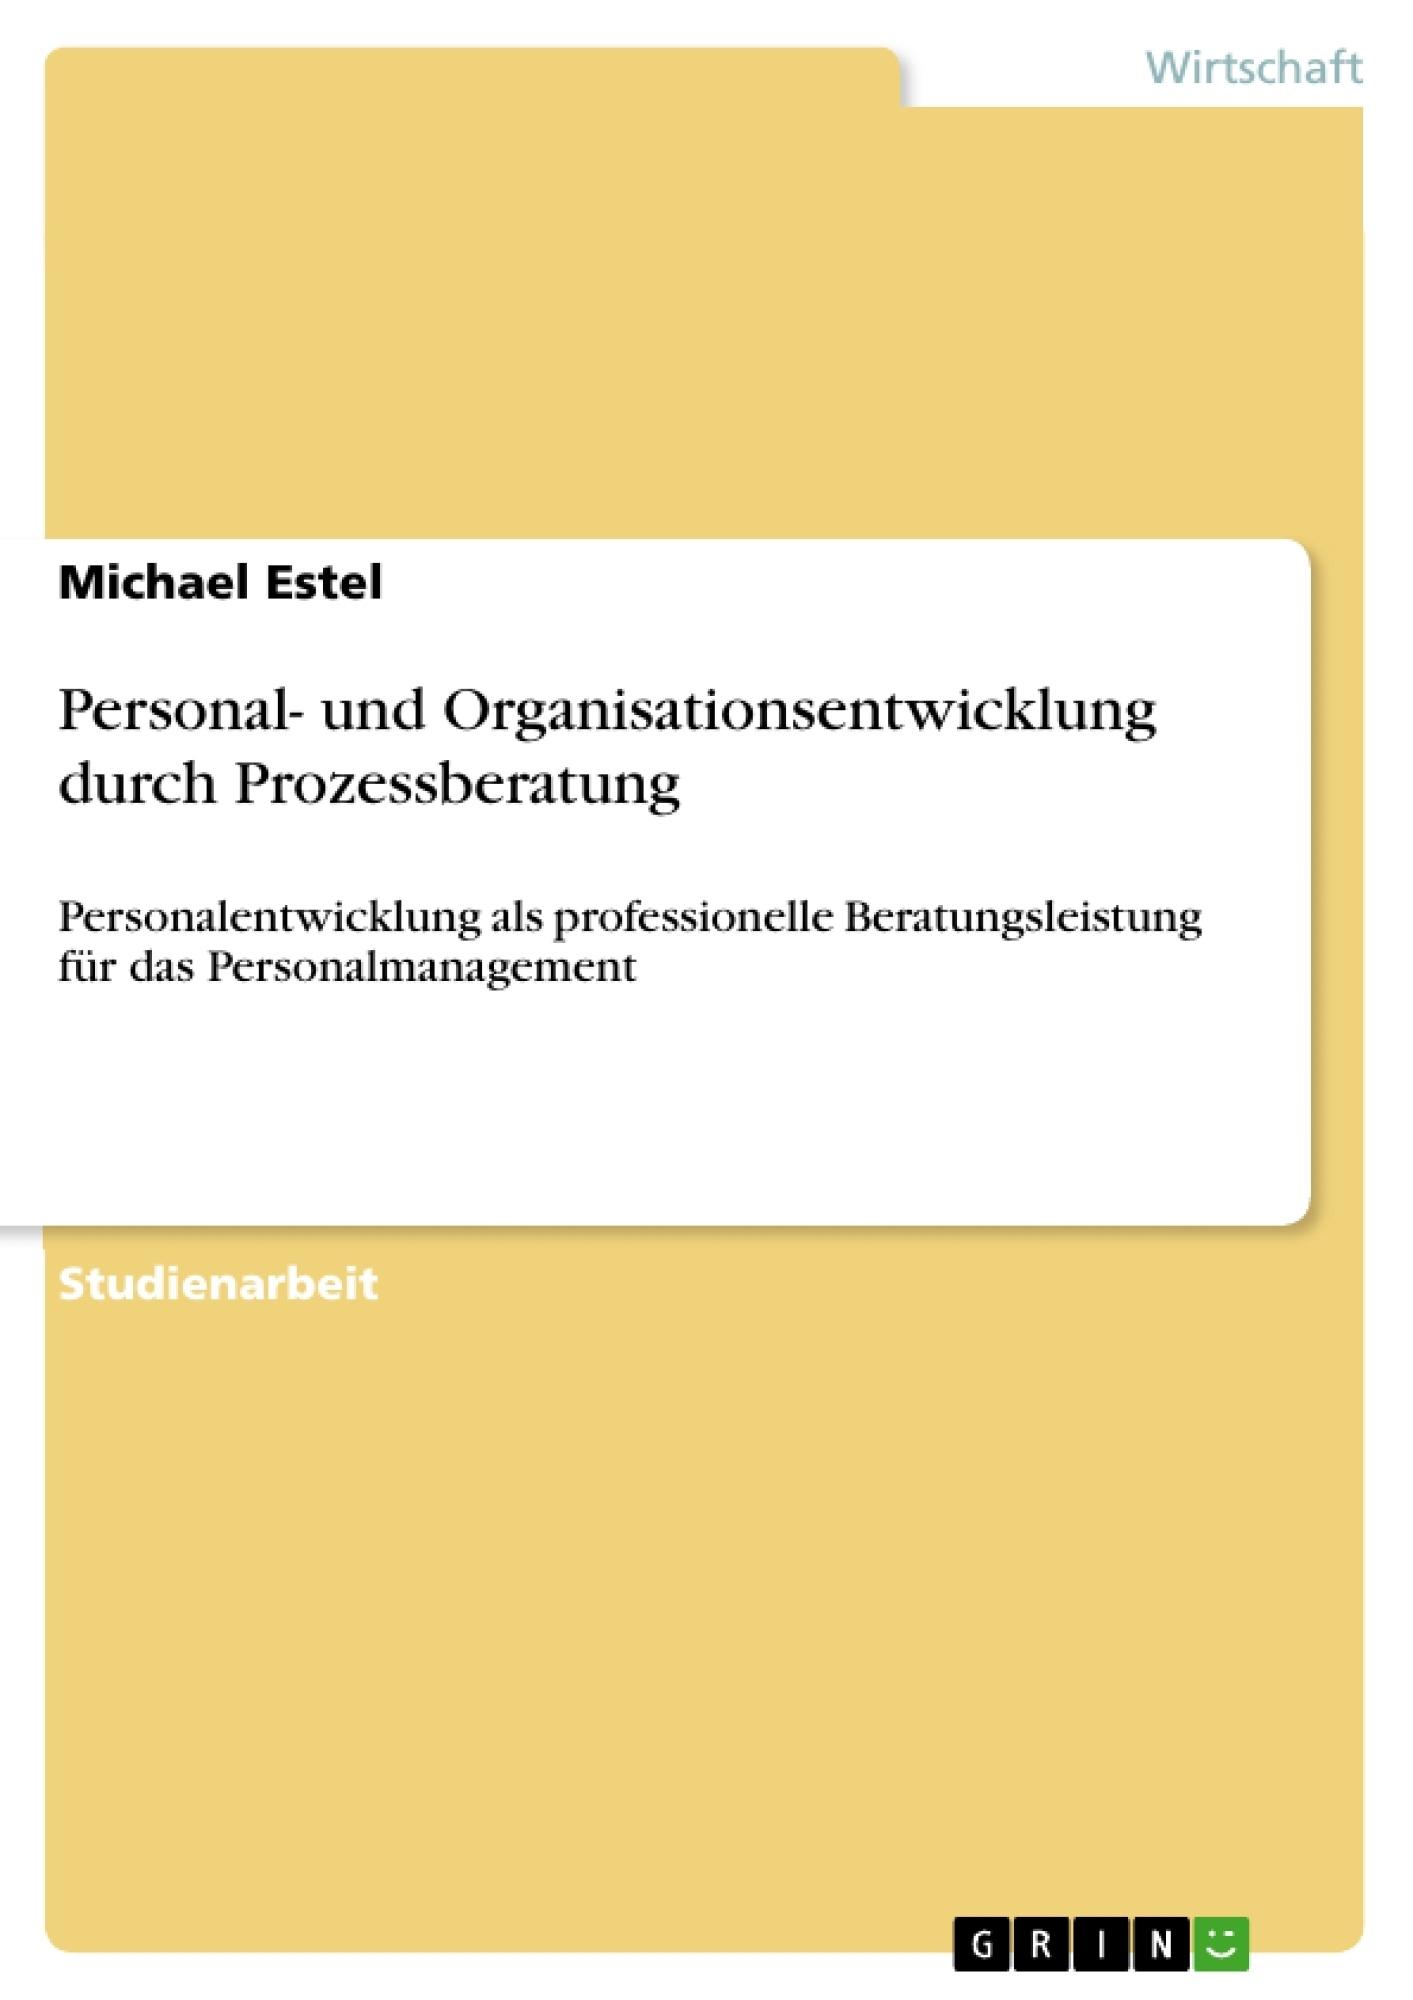 Titel: Personal- und Organisationsentwicklung durch Prozessberatung